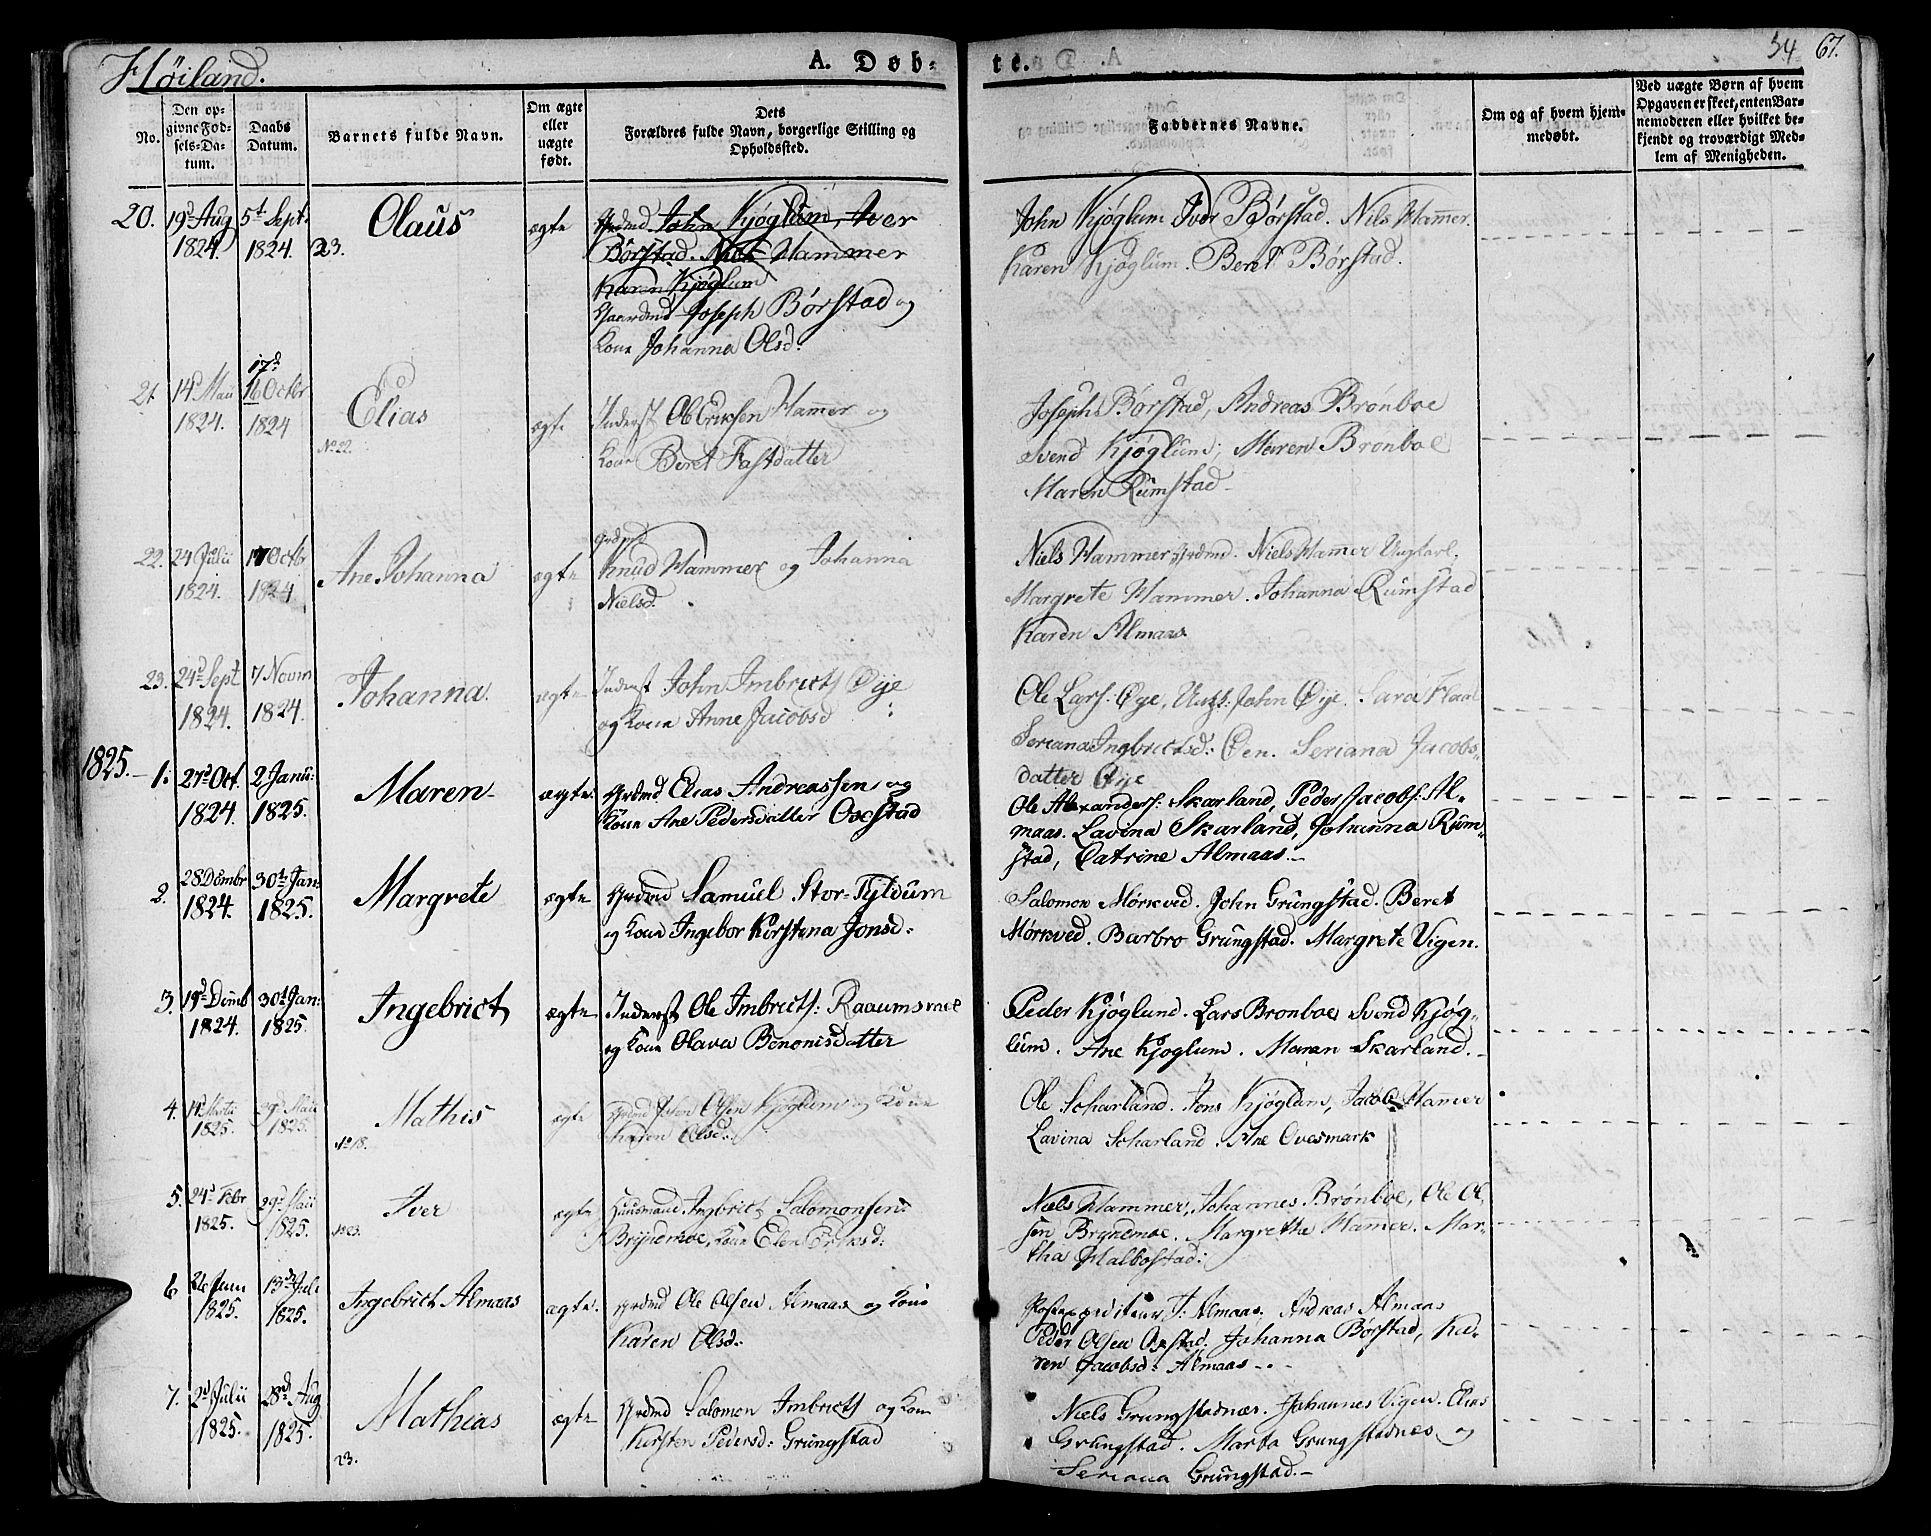 SAT, Ministerialprotokoller, klokkerbøker og fødselsregistre - Nord-Trøndelag, 758/L0510: Ministerialbok nr. 758A01 /2, 1821-1841, s. 34